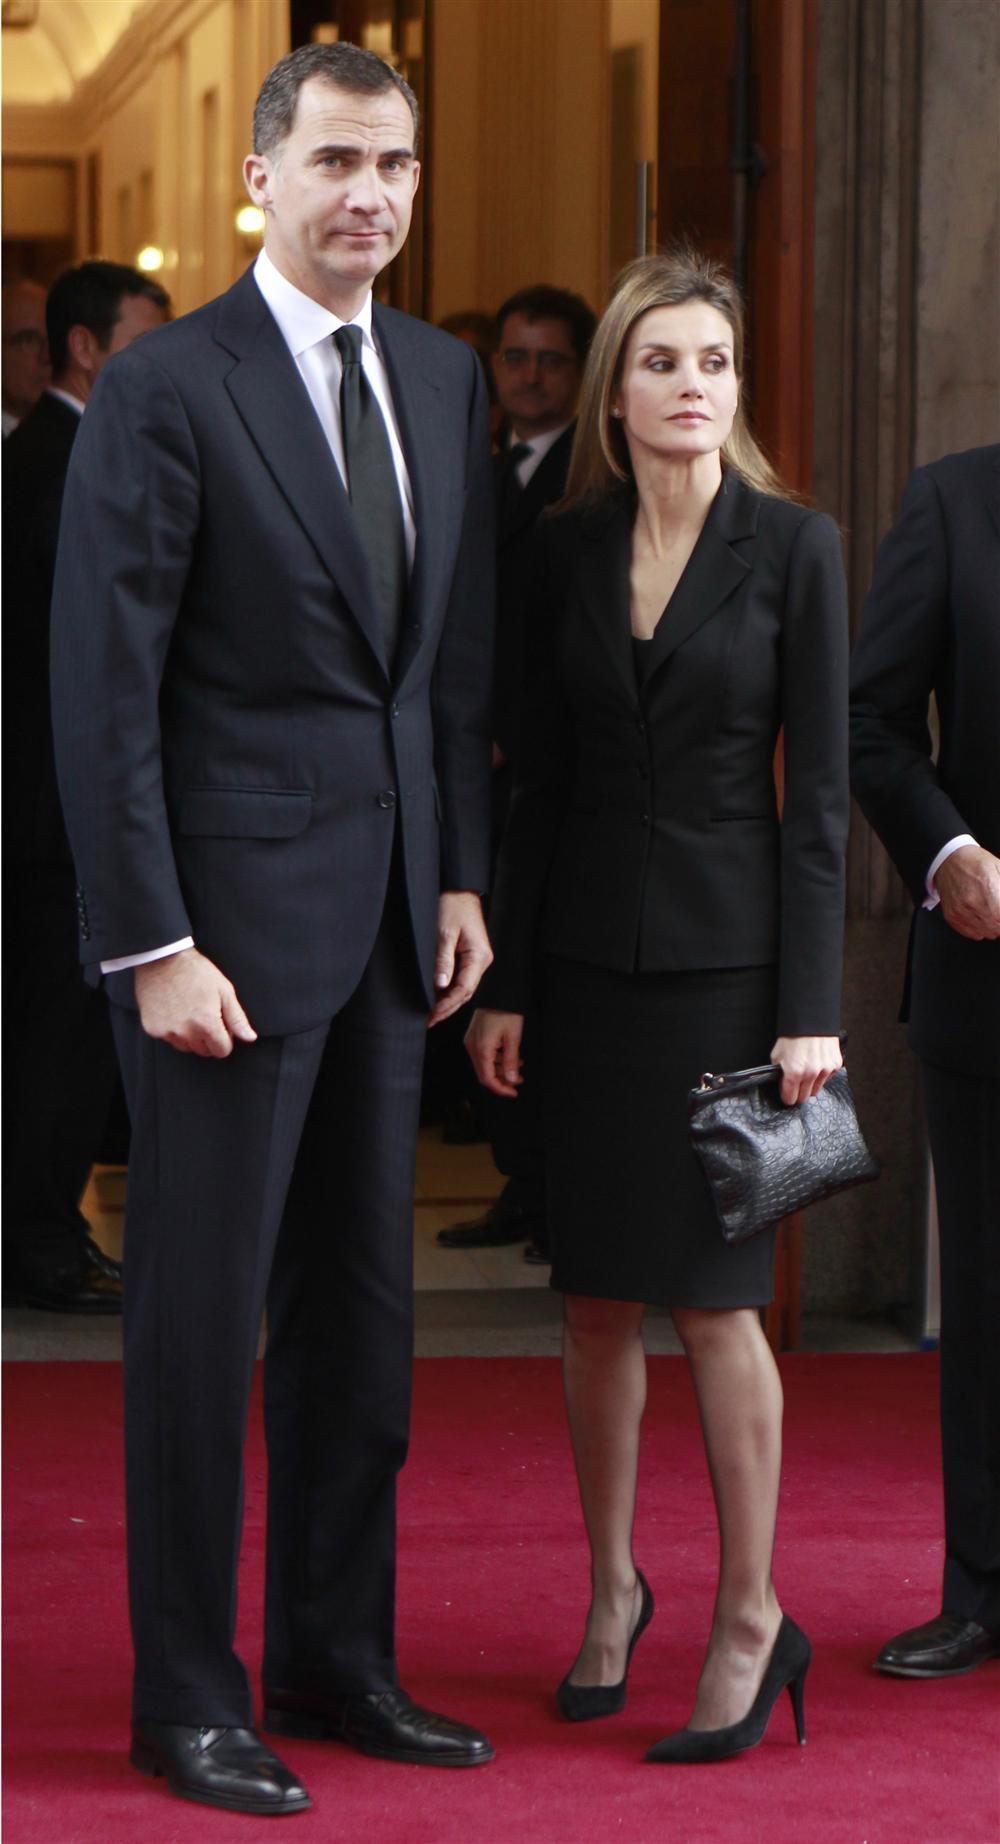 La familia real en el funeral del expresidente Adolfo Suarez Principes_de_asturias_1000x1844